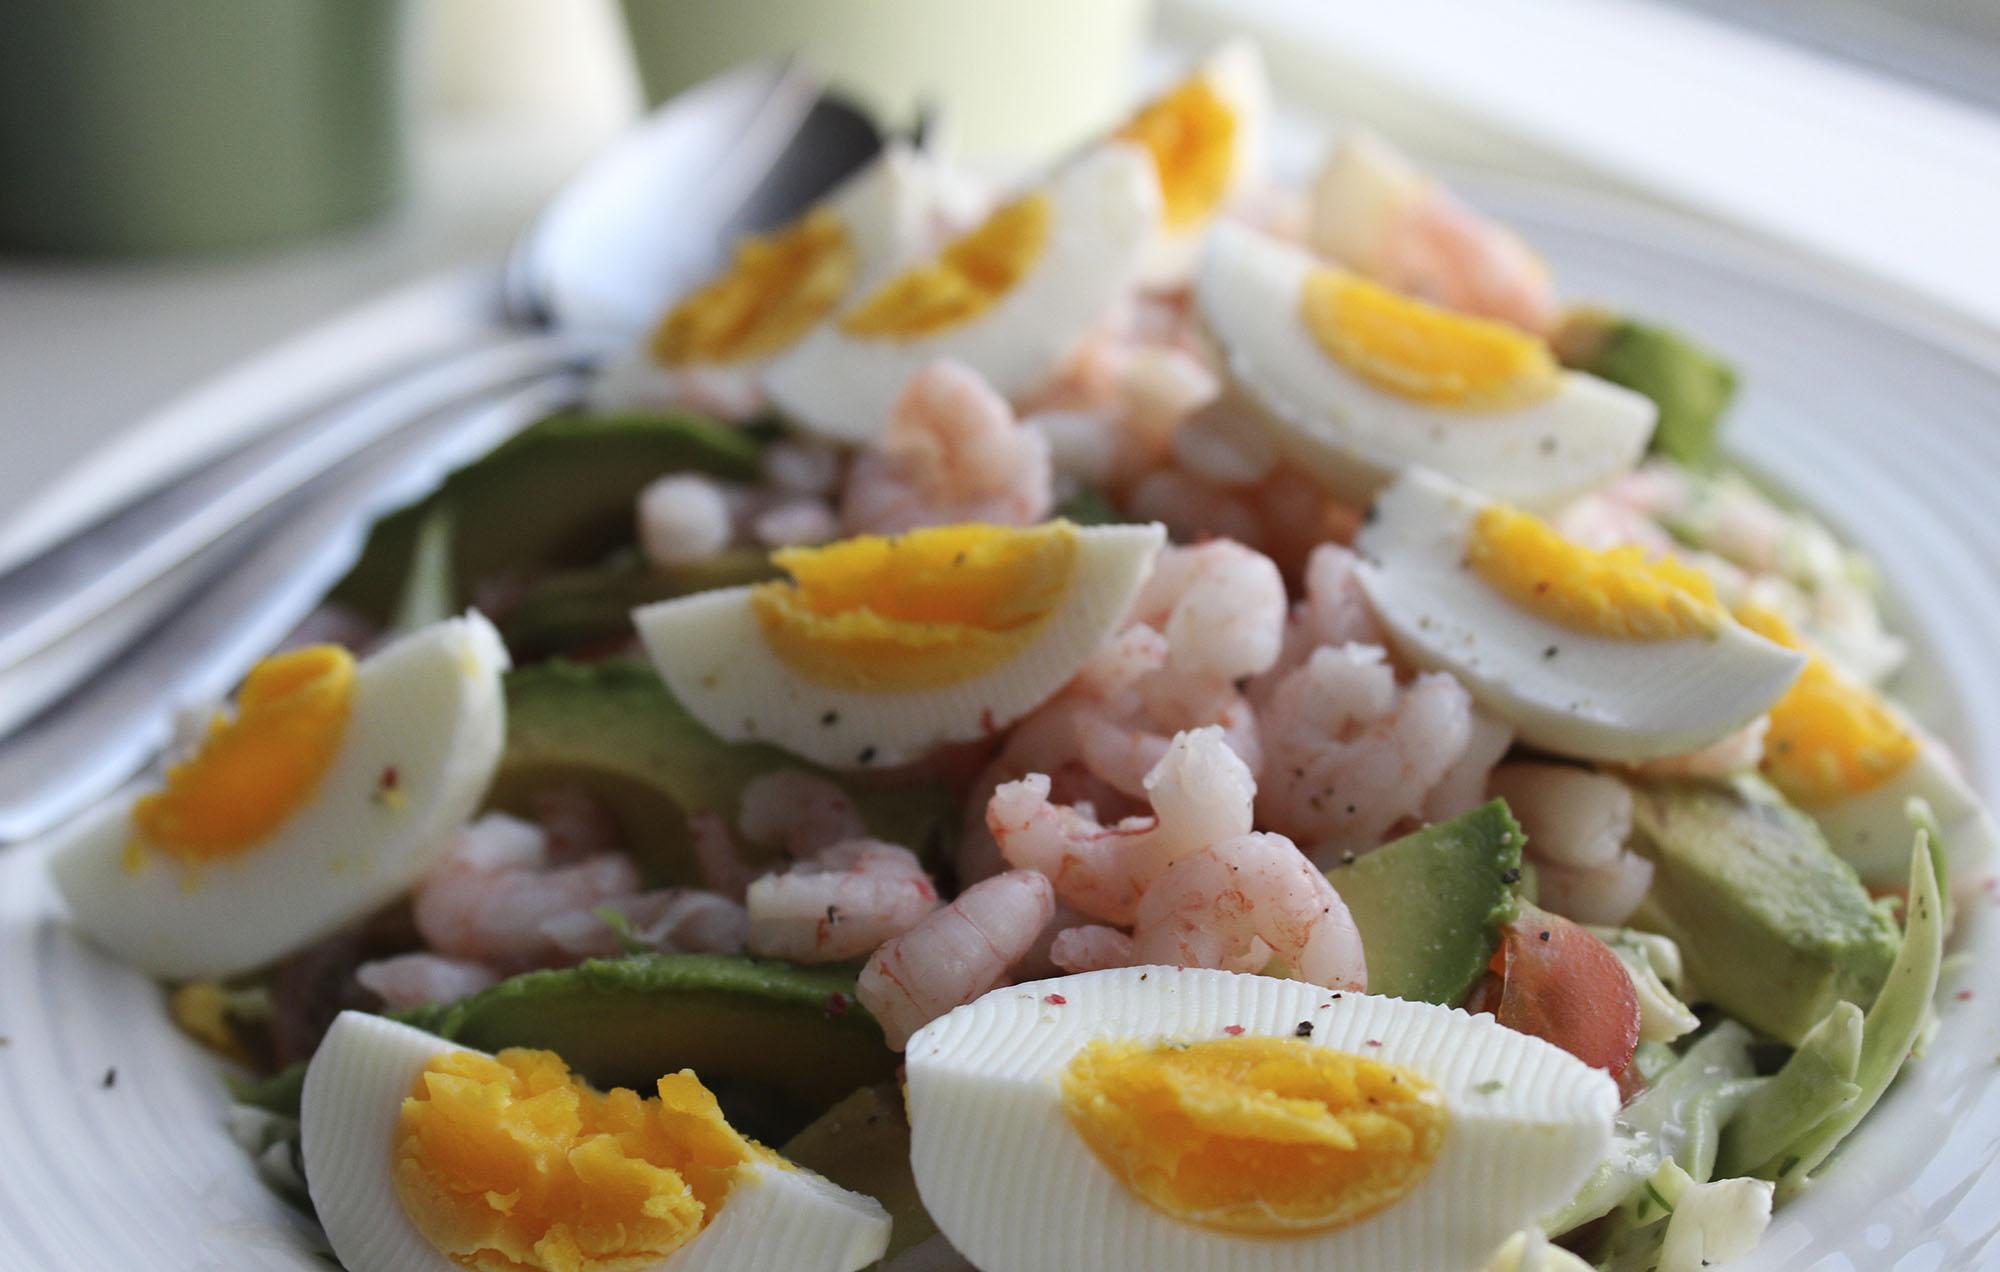 Salat Med Spidskål Rejer æg Og Avocado Fru Kofoeds Køkken